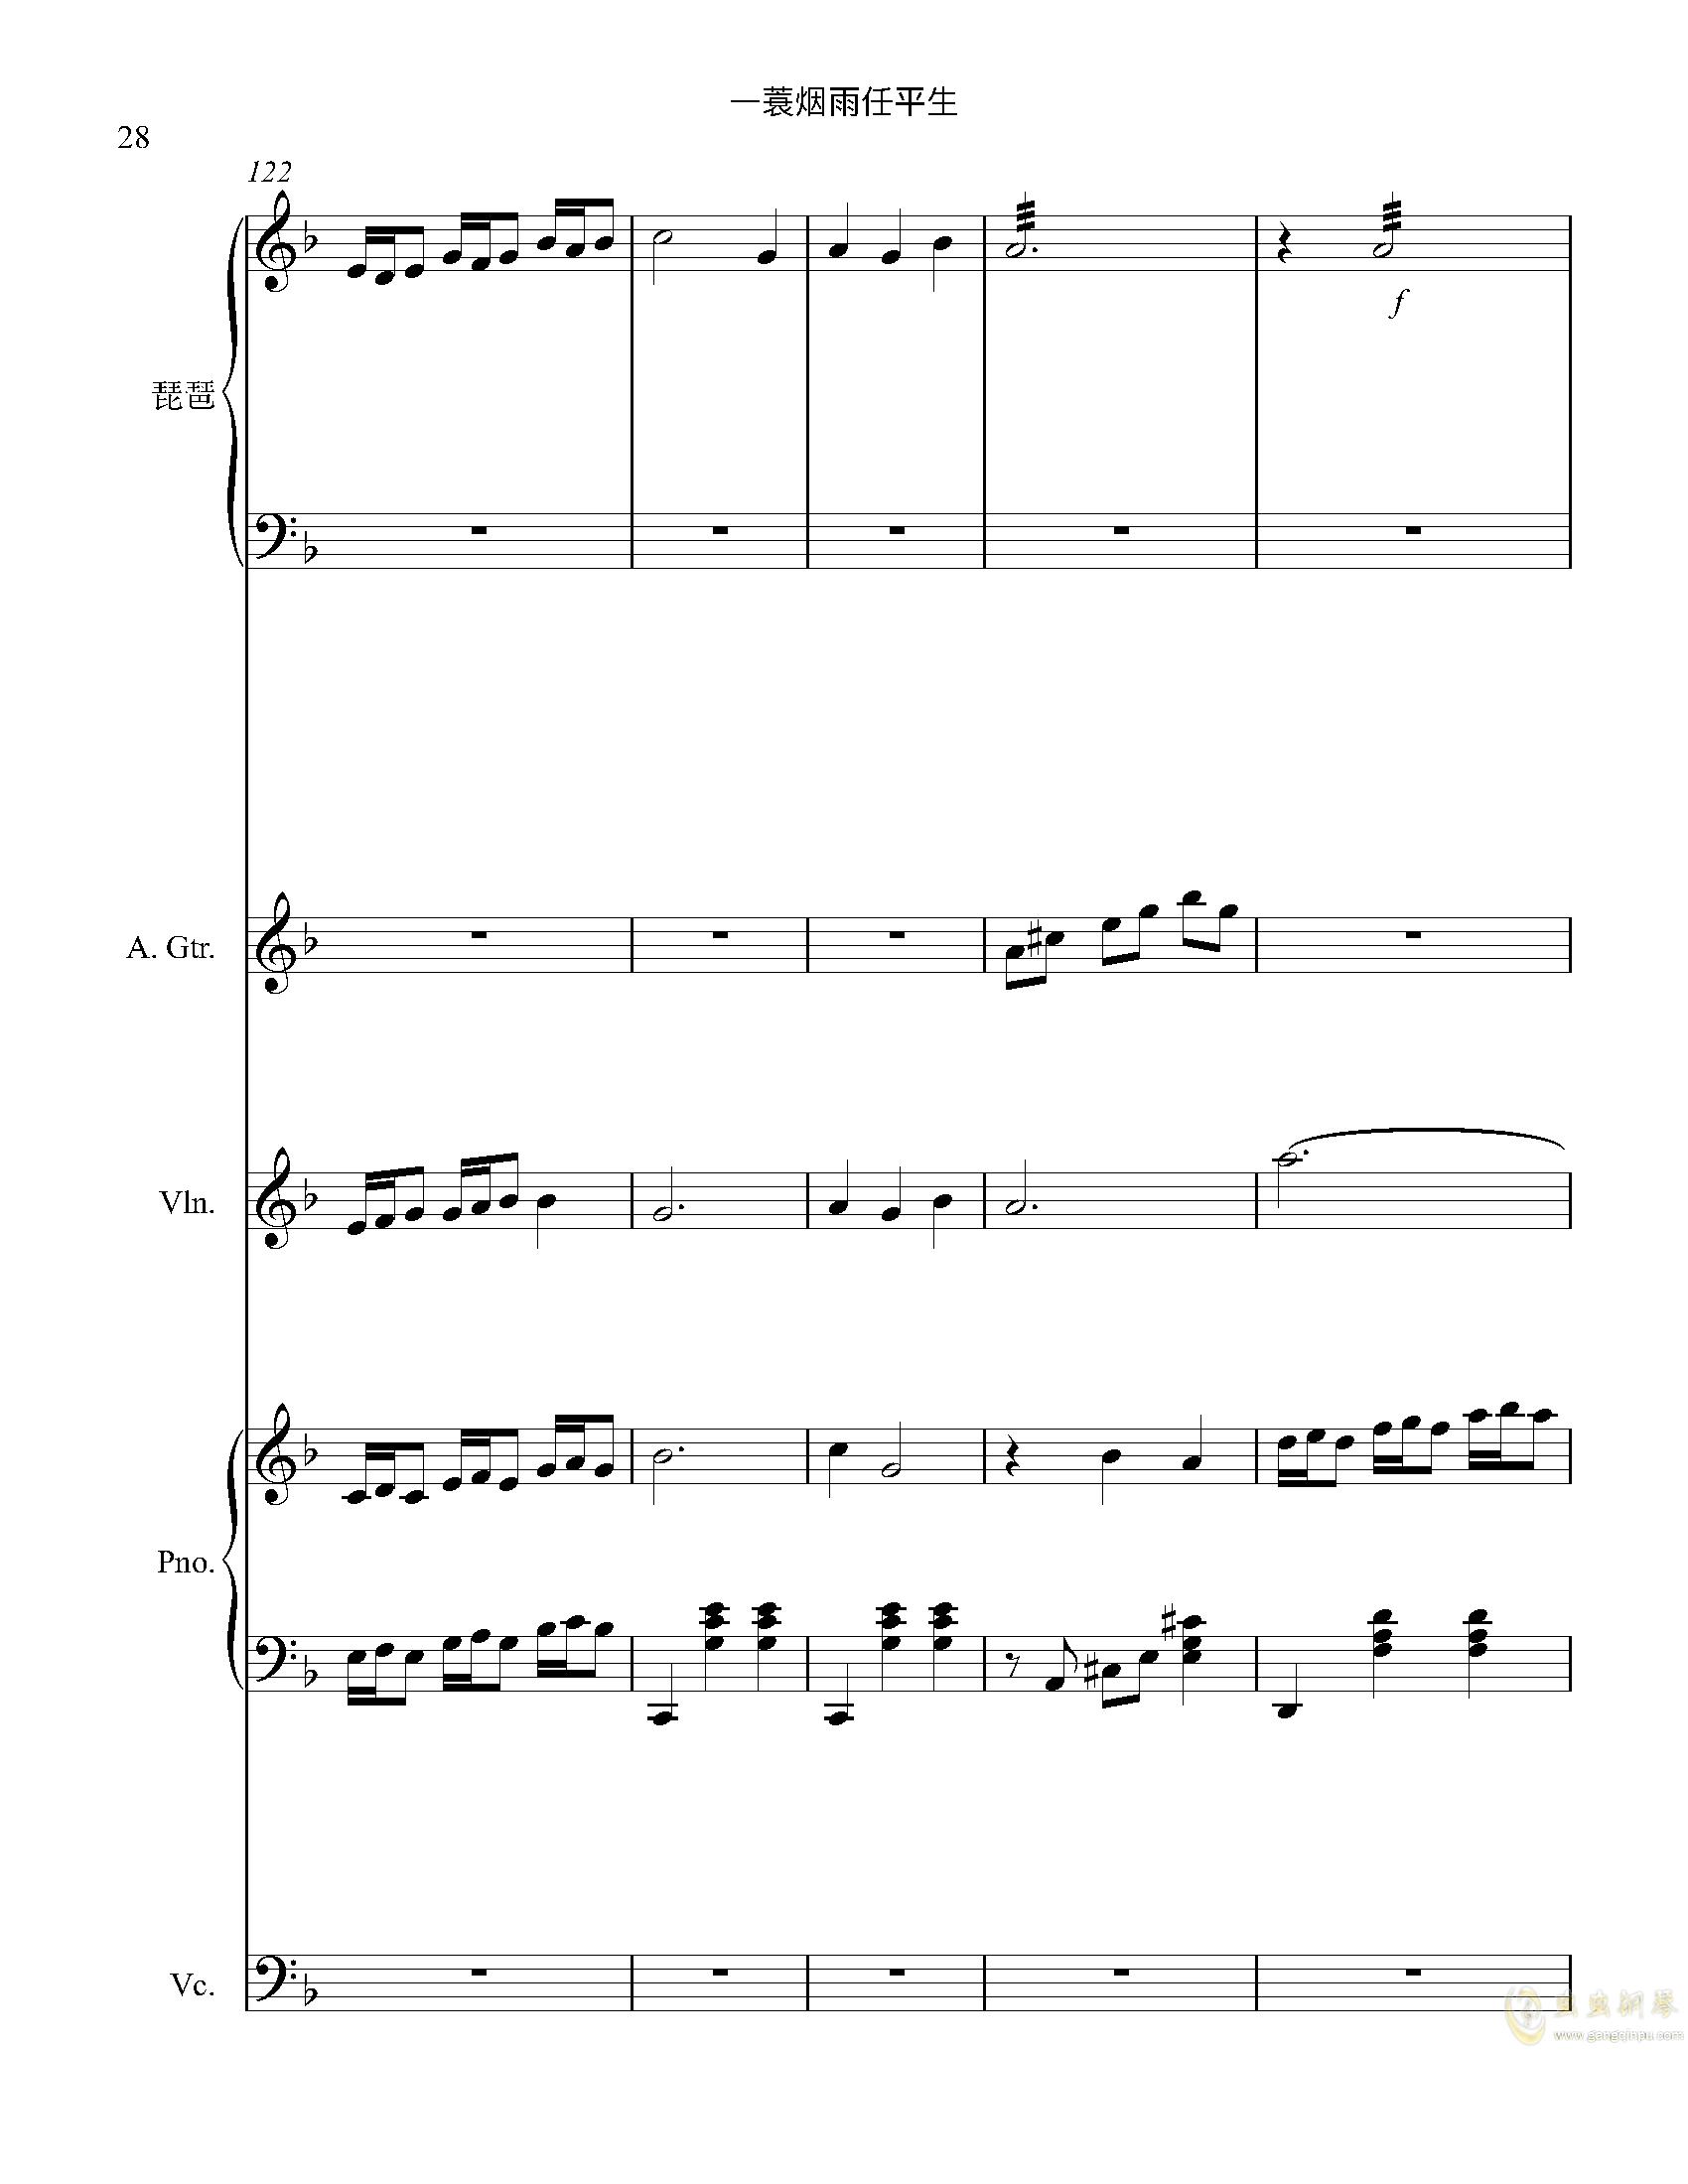 一蓑烟雨任平生钢琴谱 第28页